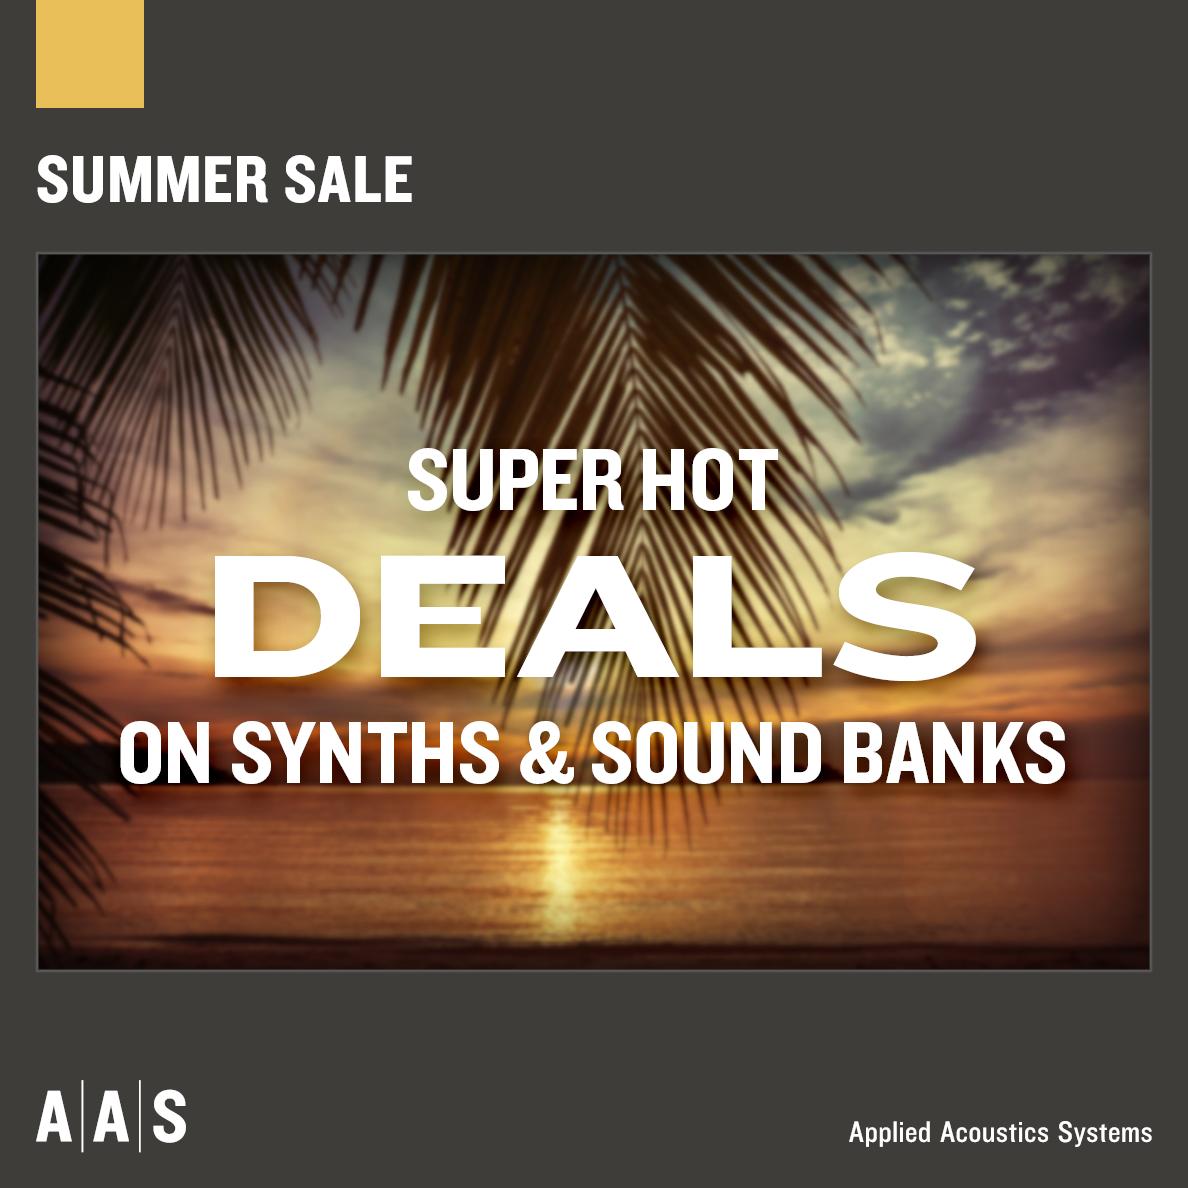 AAS SUMMER SALE